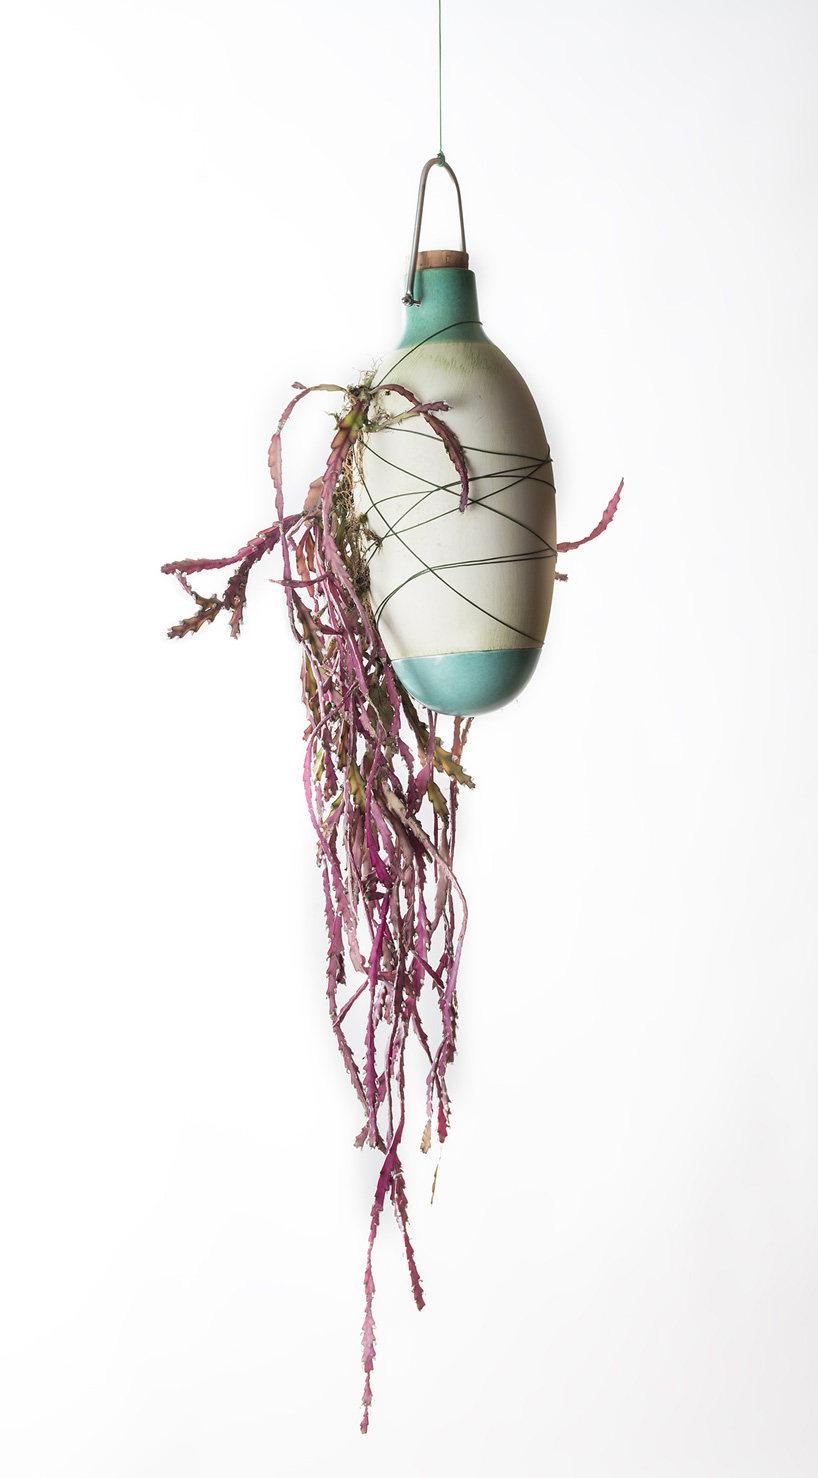 dossofiorito-epiphytes-milan-design-week-designboom-07.jpg